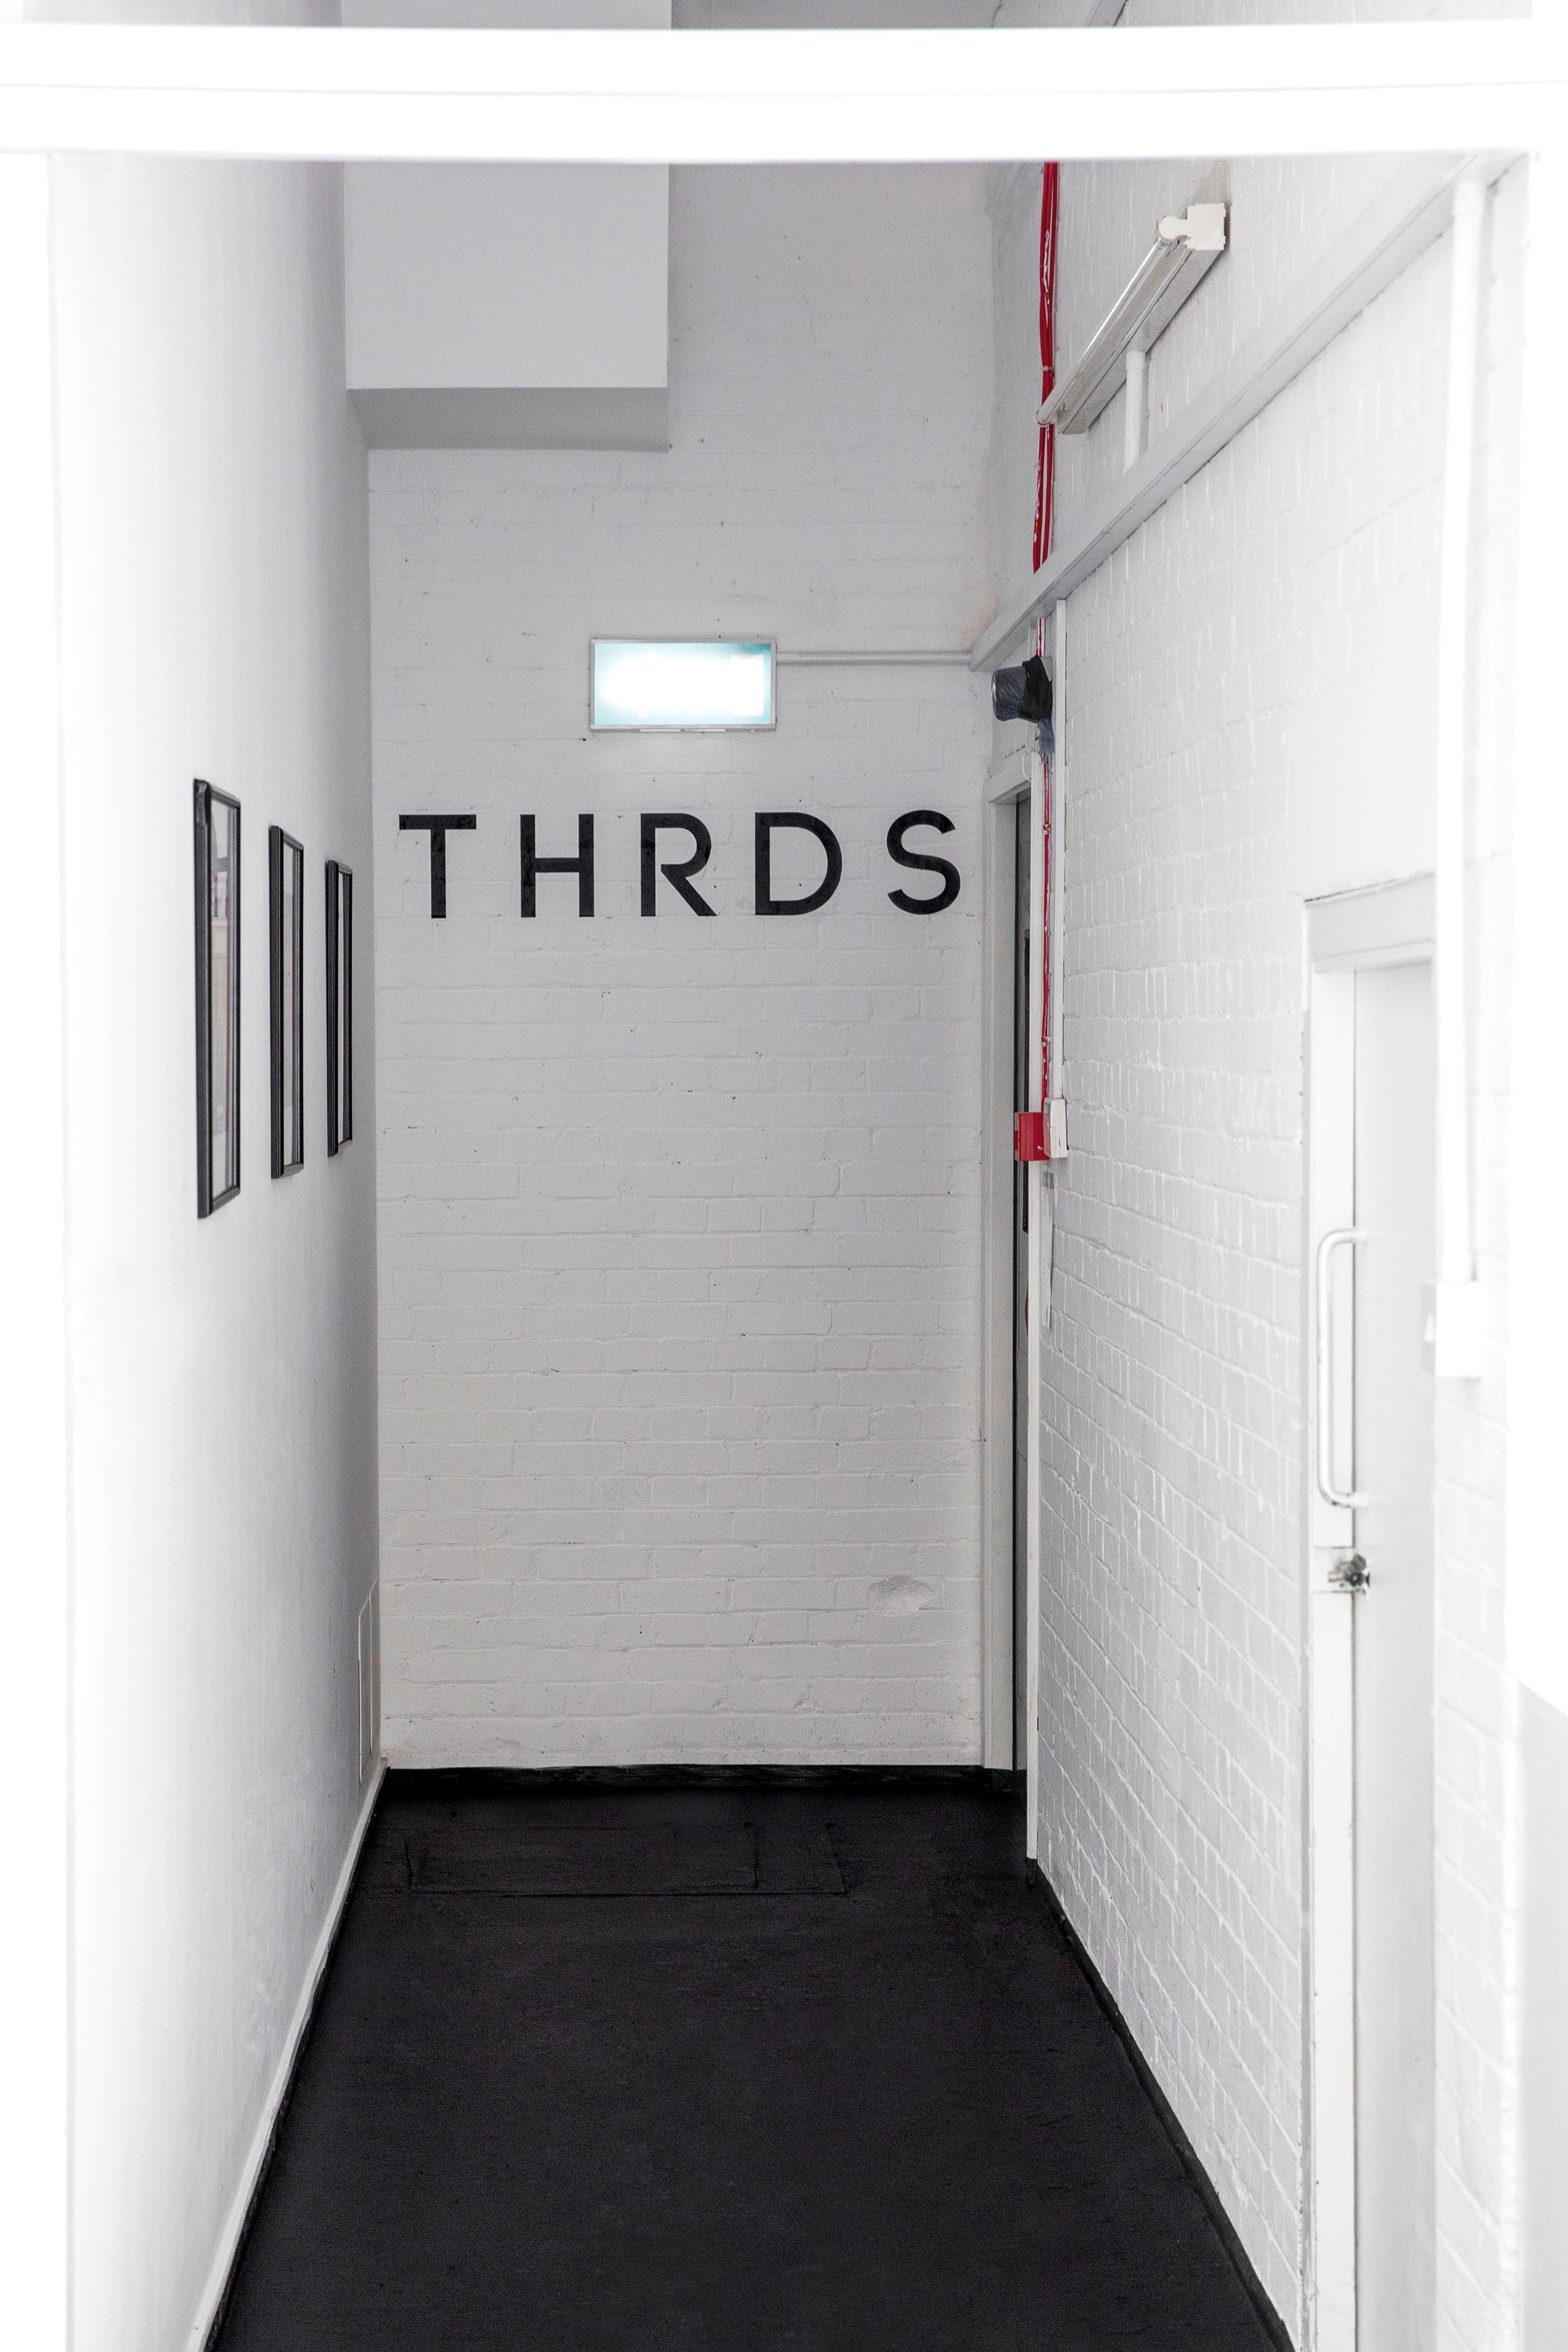 Passageway_THRDS